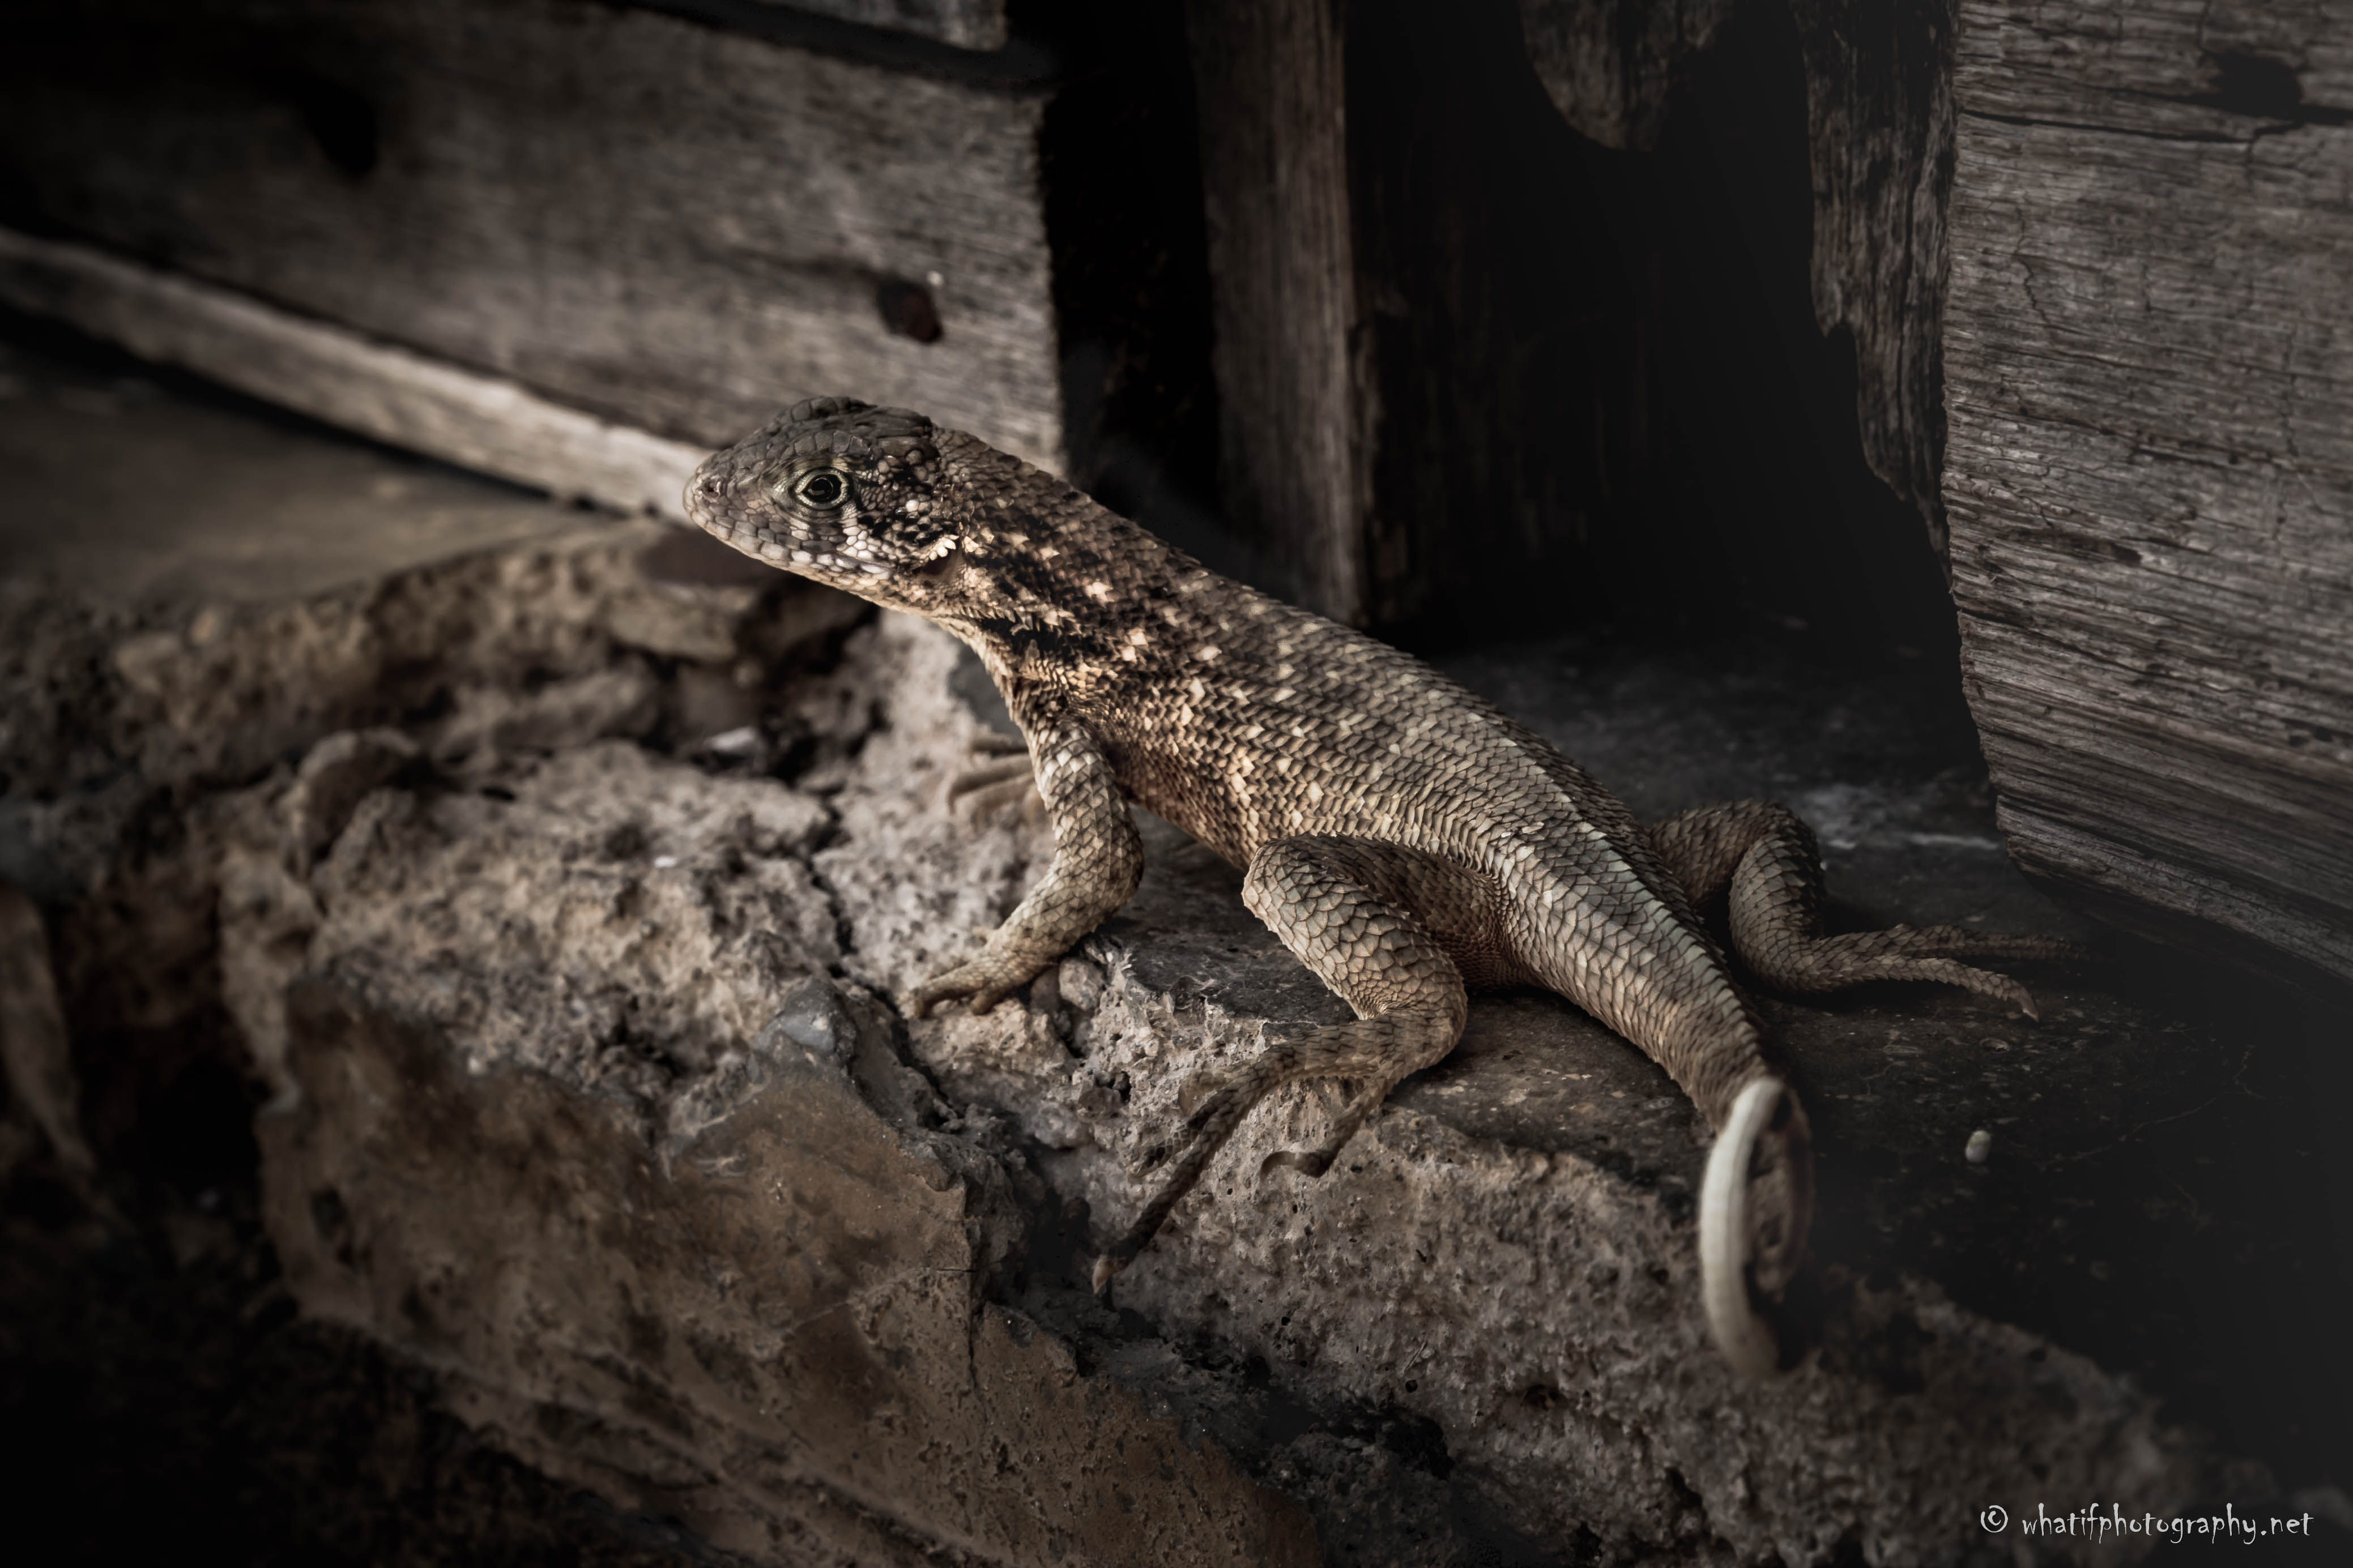 Just a lizard